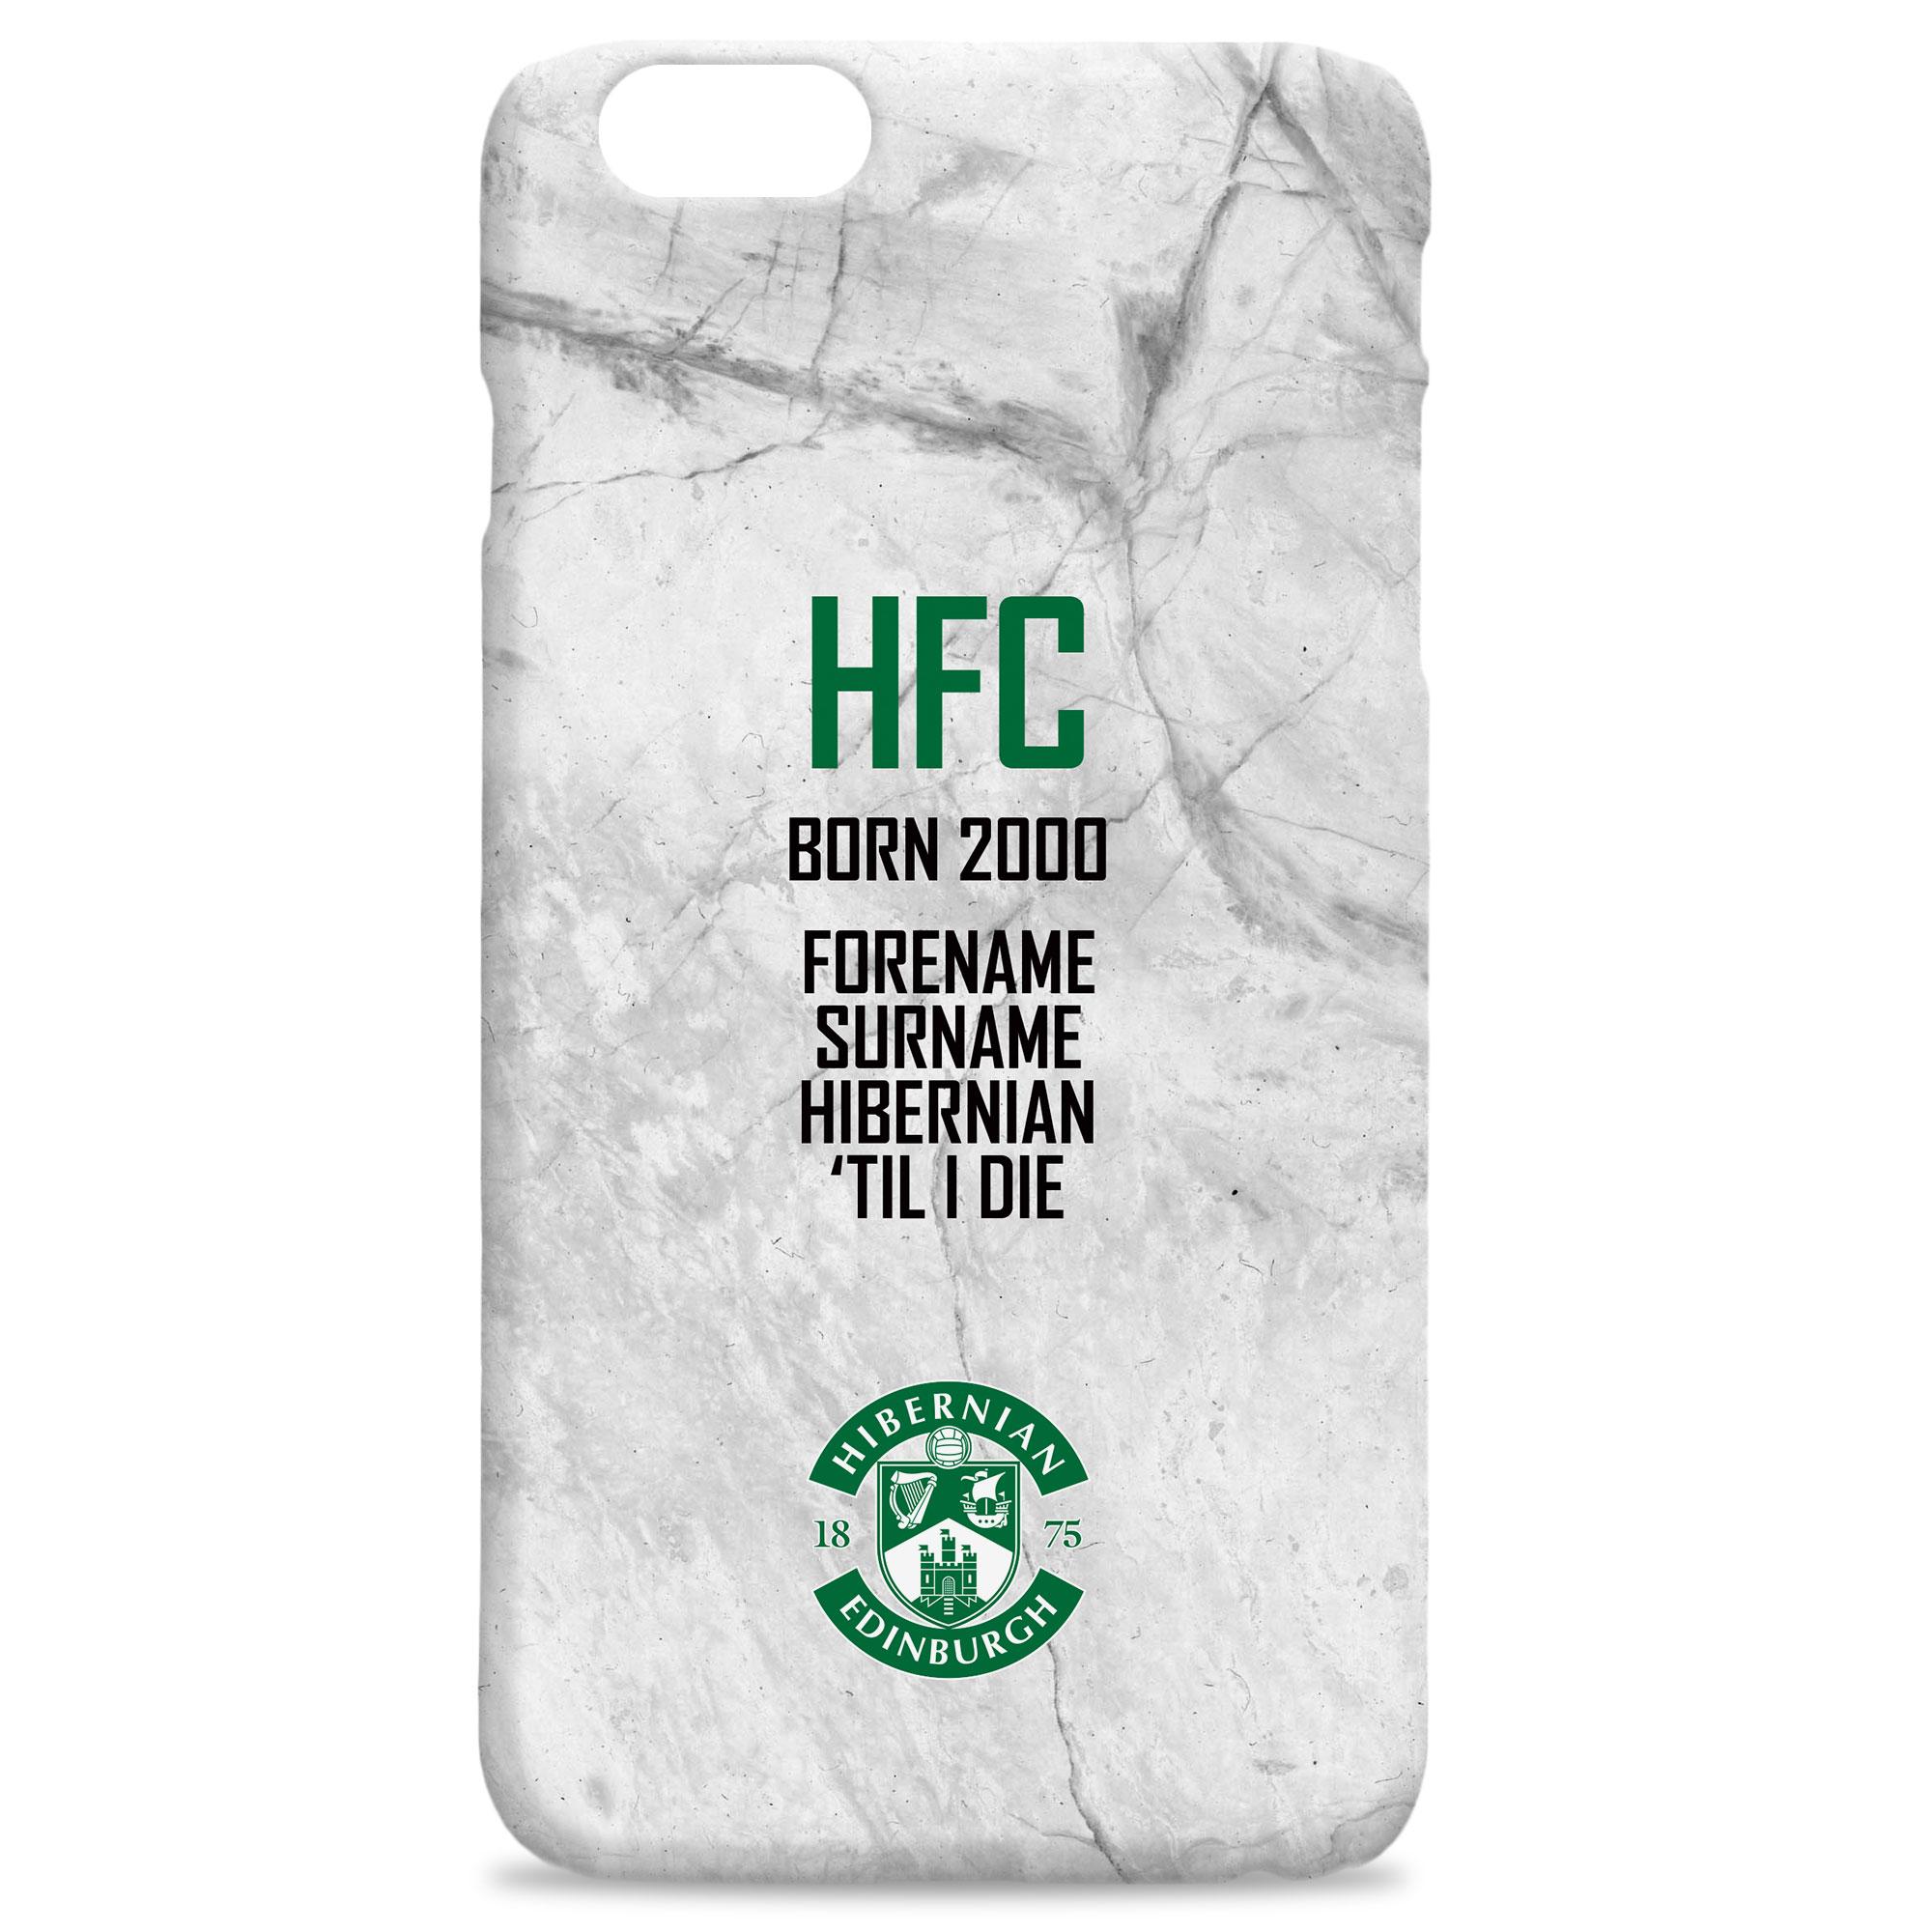 Hibernian FC 'Til I Die Hard Back Phone Case